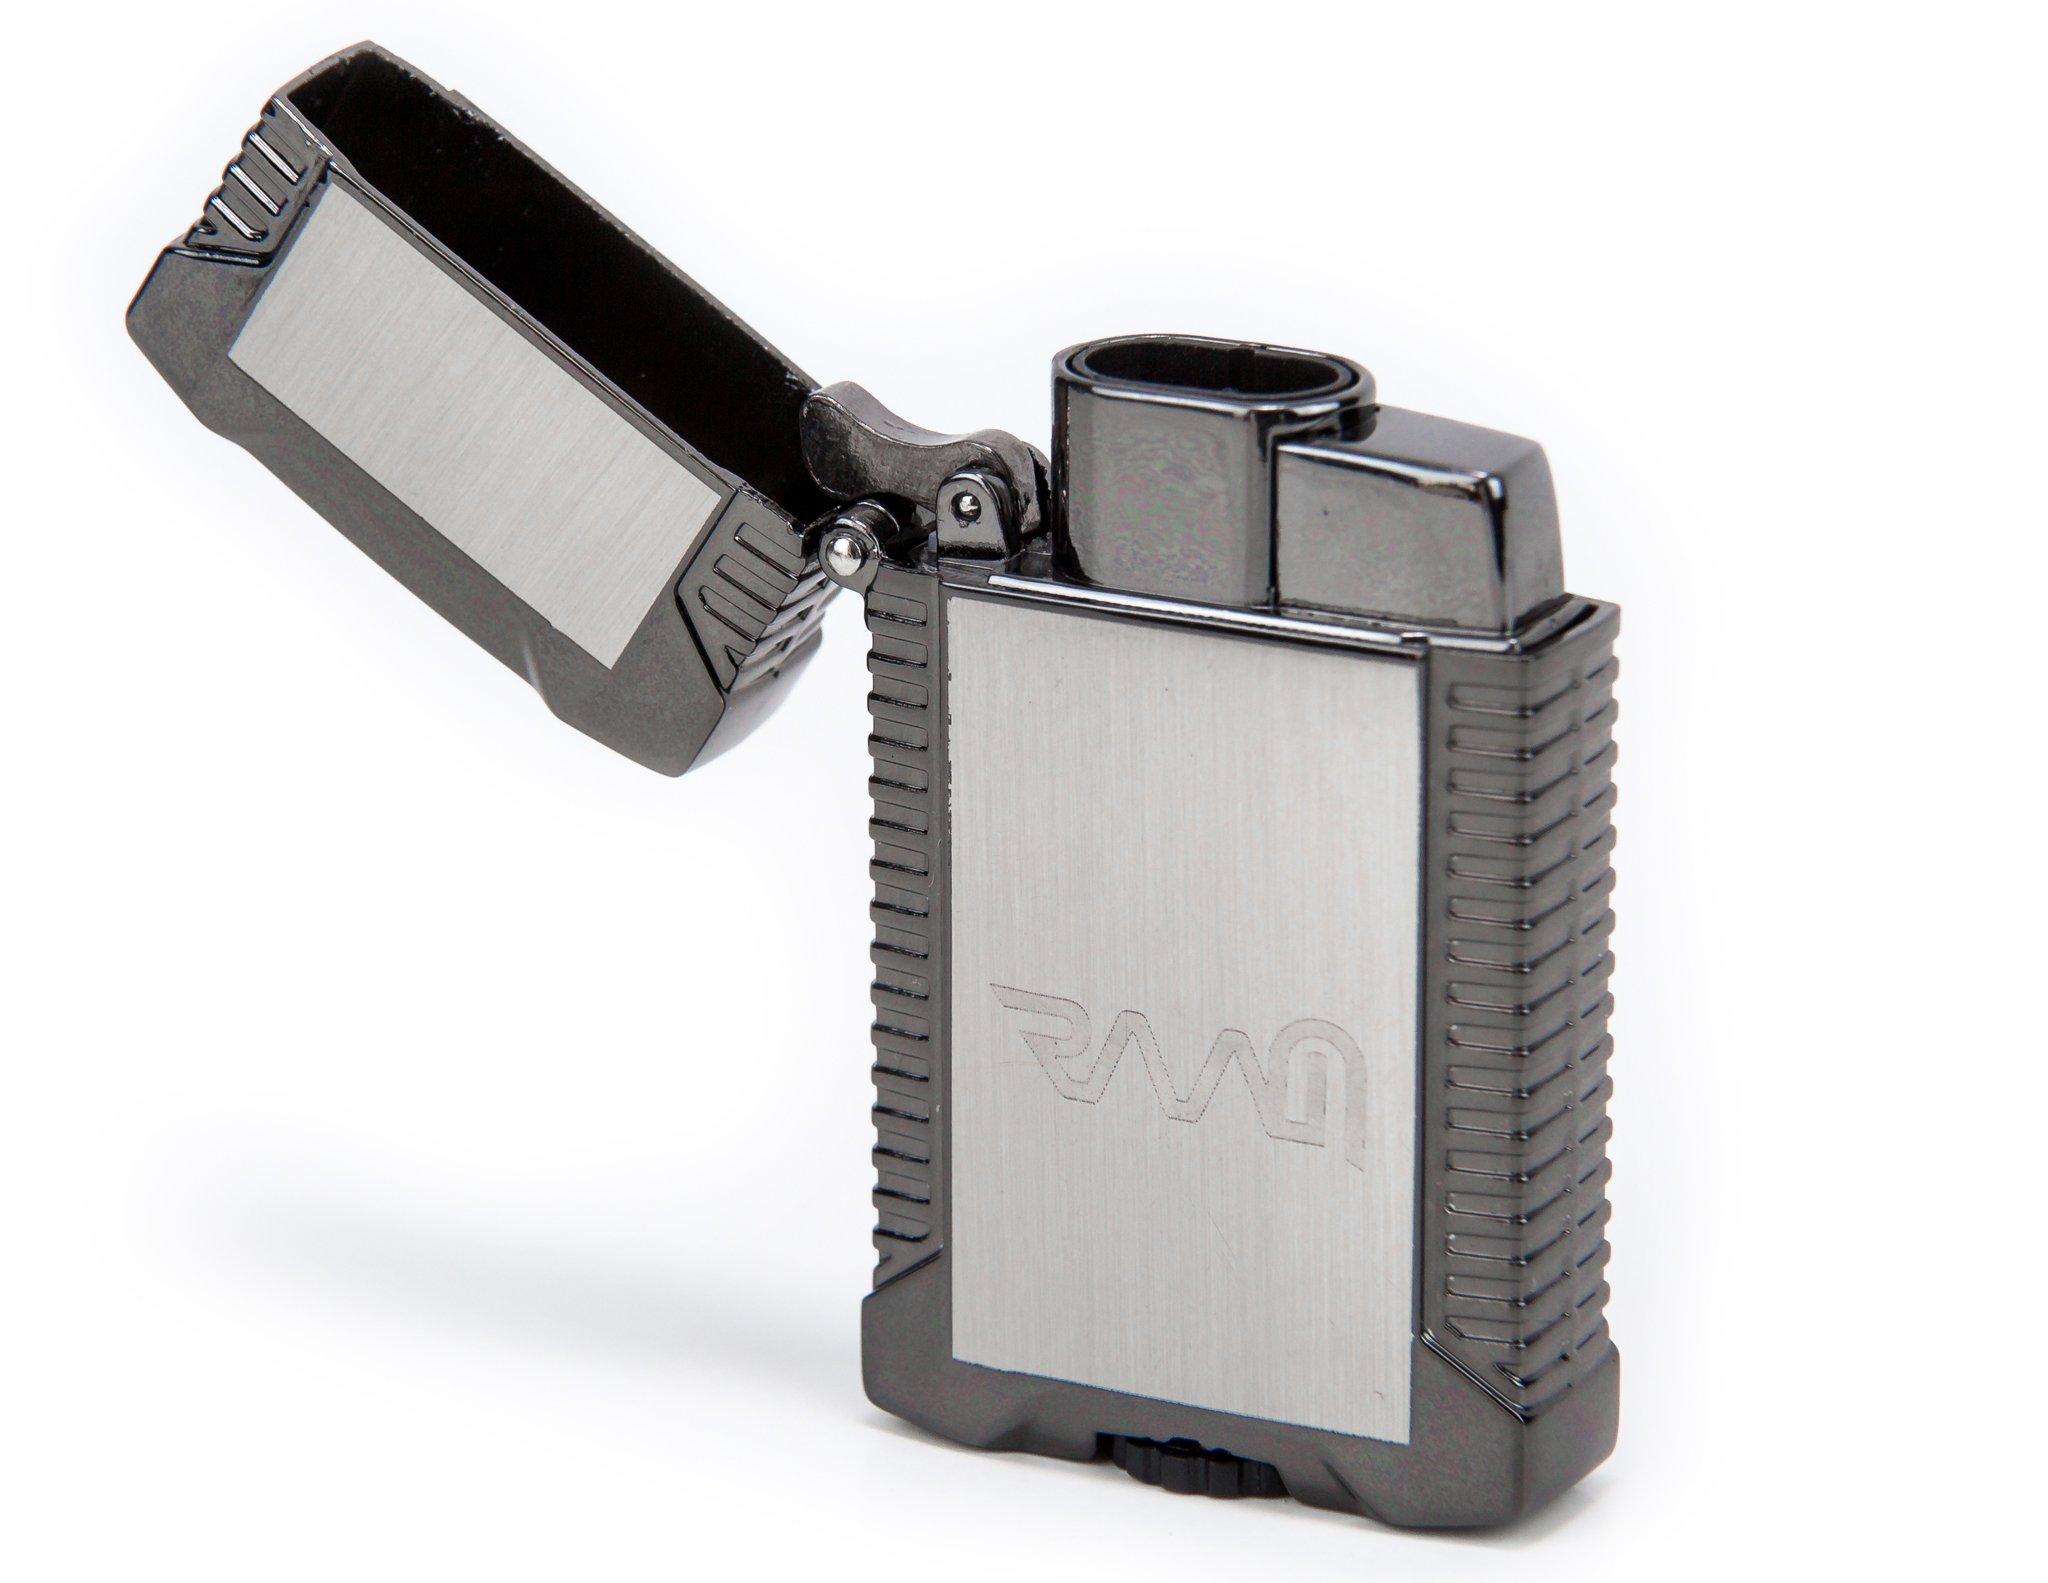 RAAM Double Jet Flame Lighter (Gun Metal)